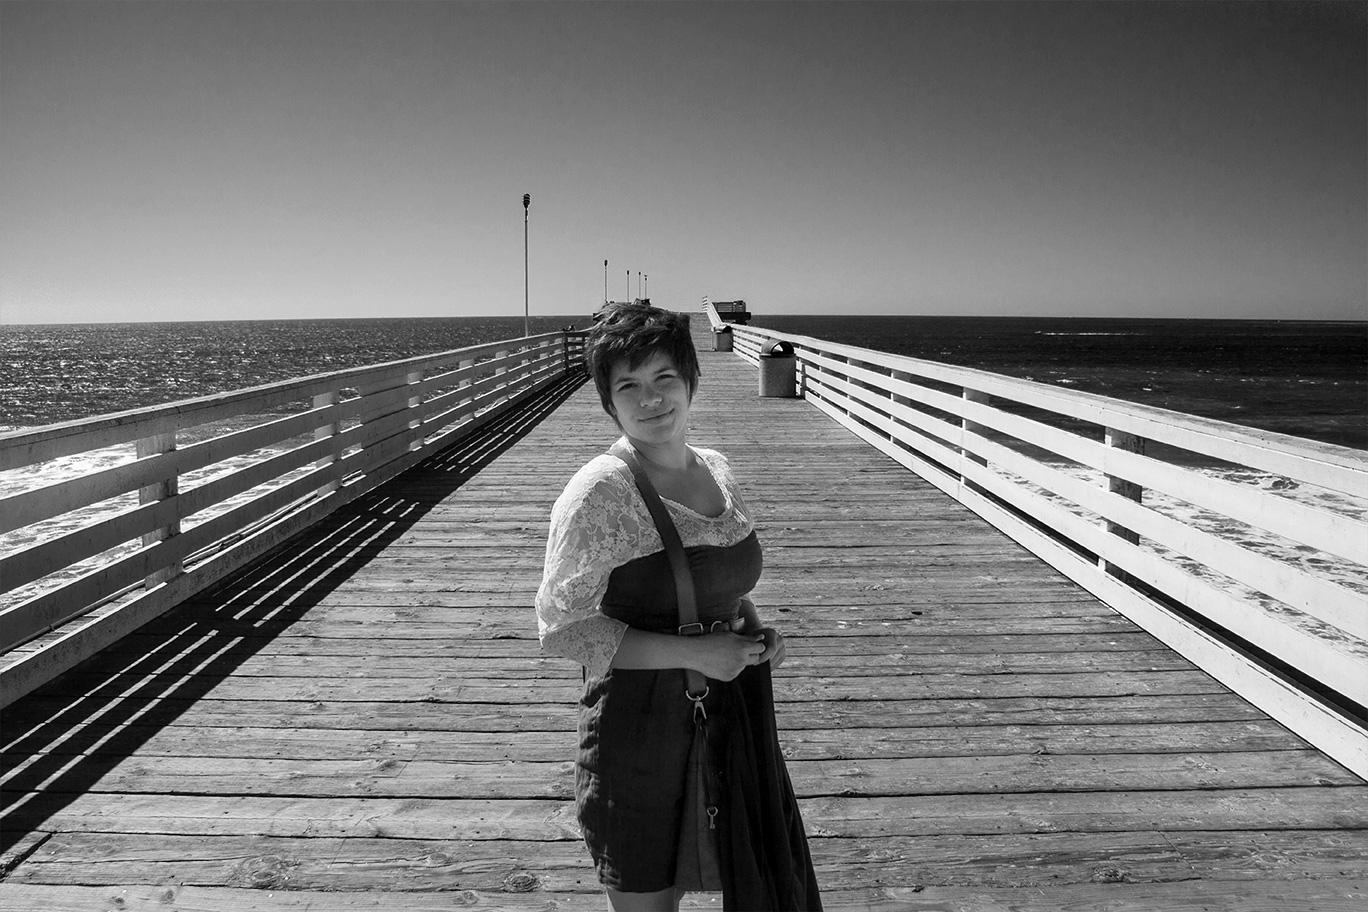 pacific beach, california. 2010